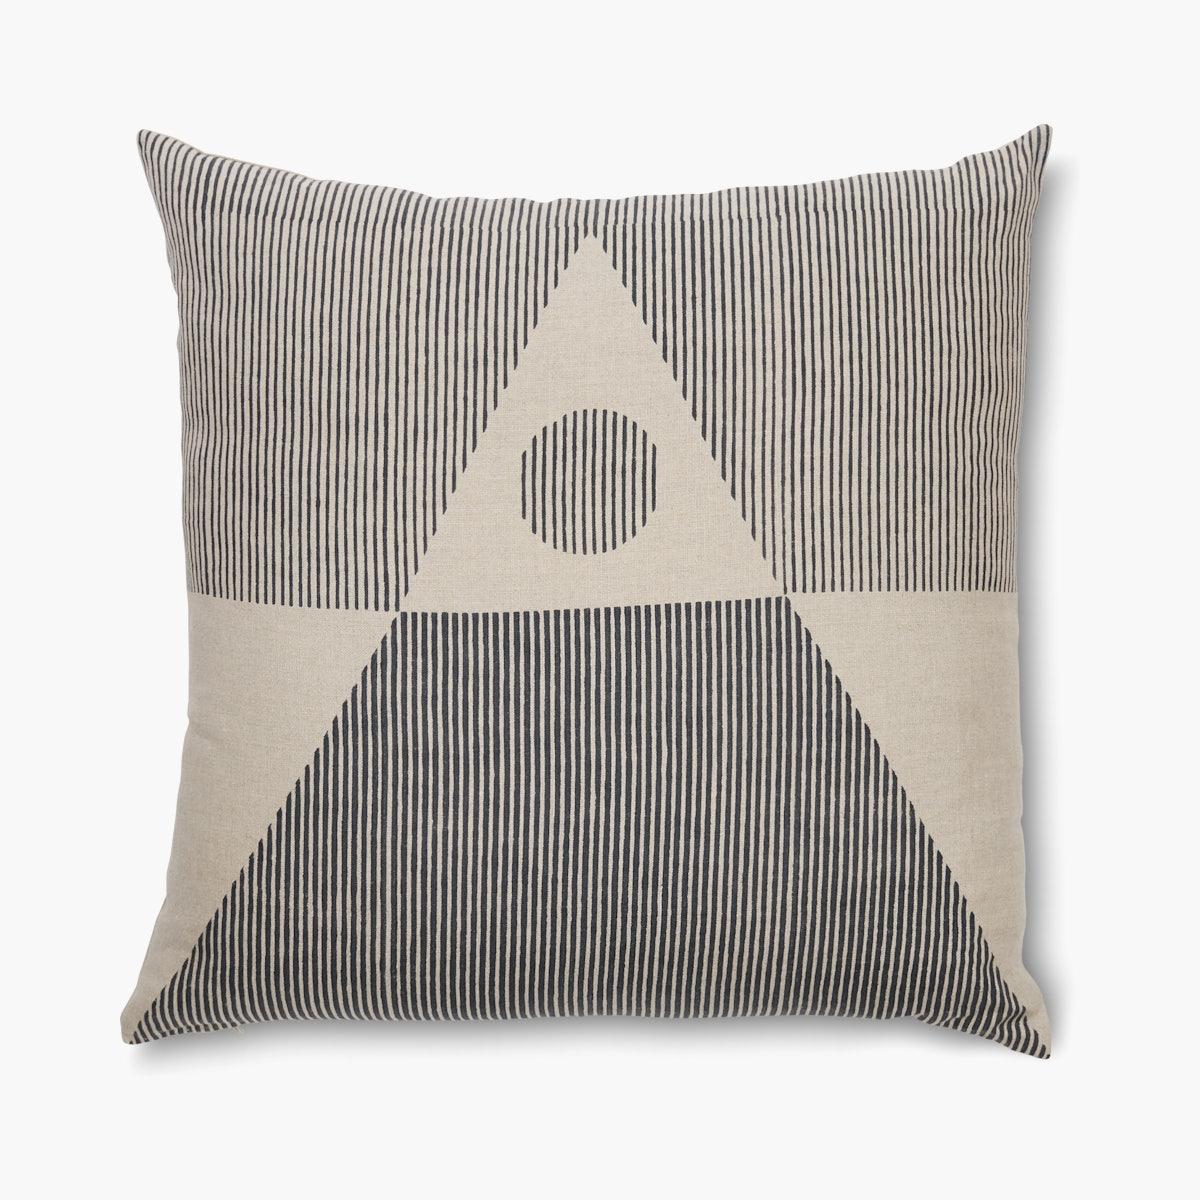 Block Shop Pyramid Pillow